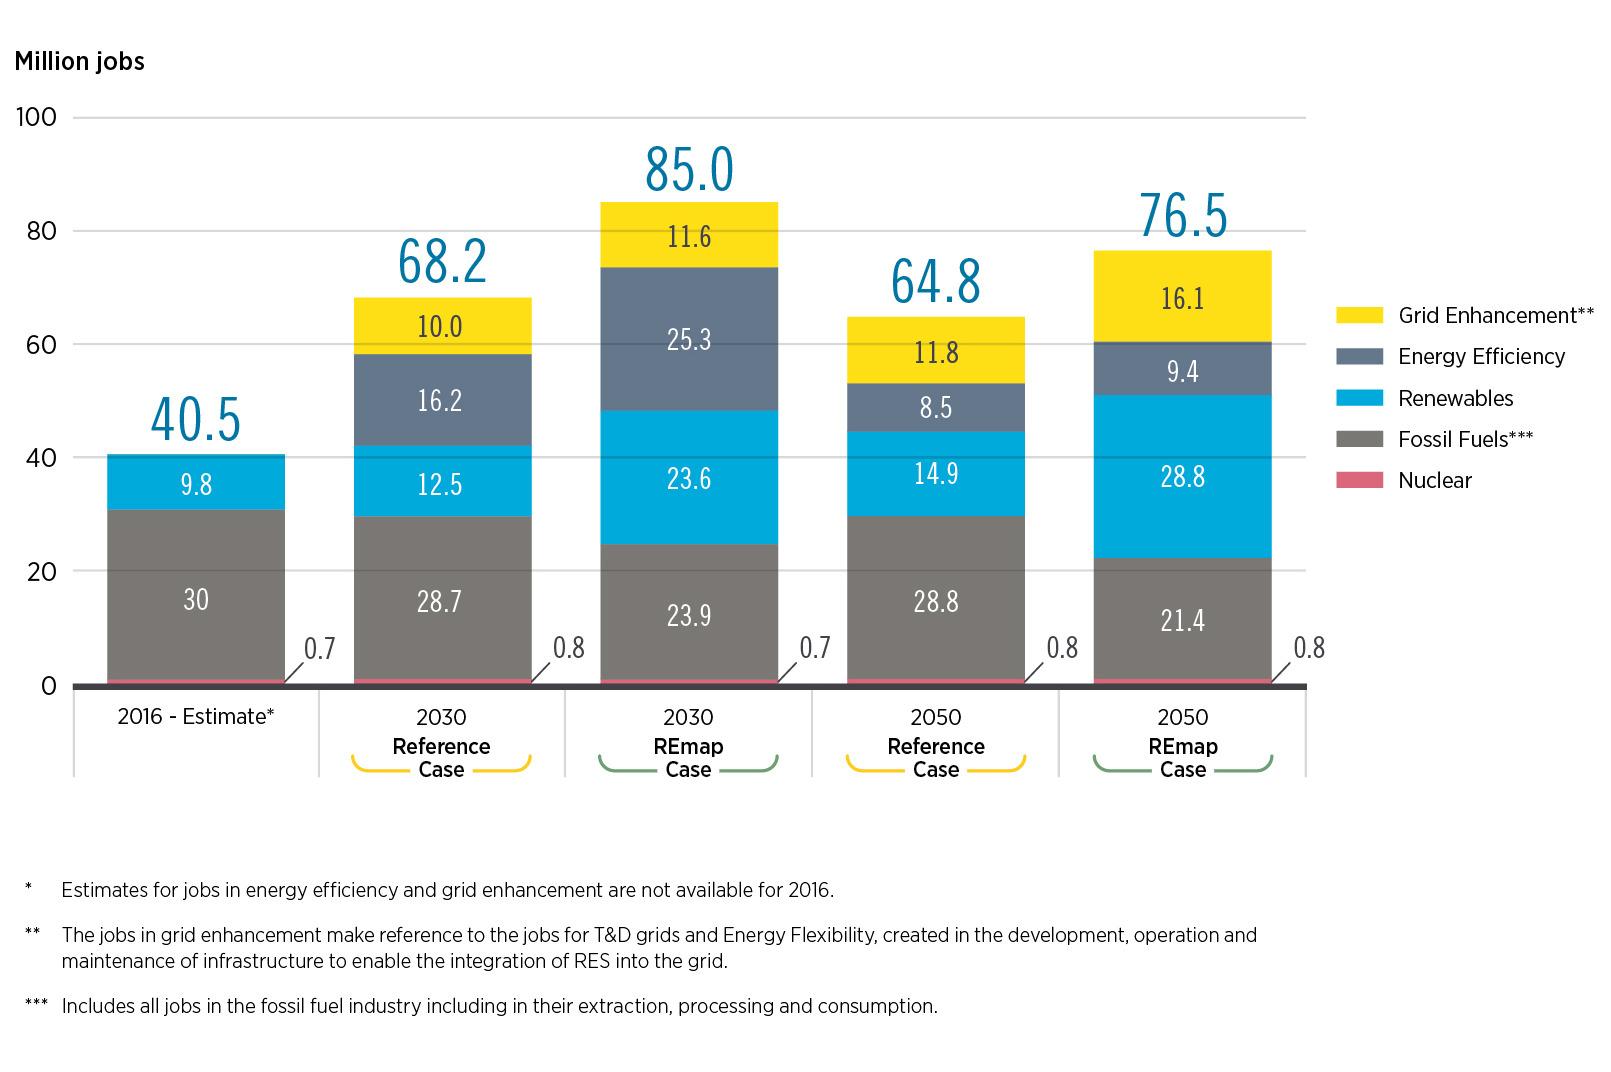 A transição energética geraria mais de 11 milhões de empregos adicionais em energia até 2050.